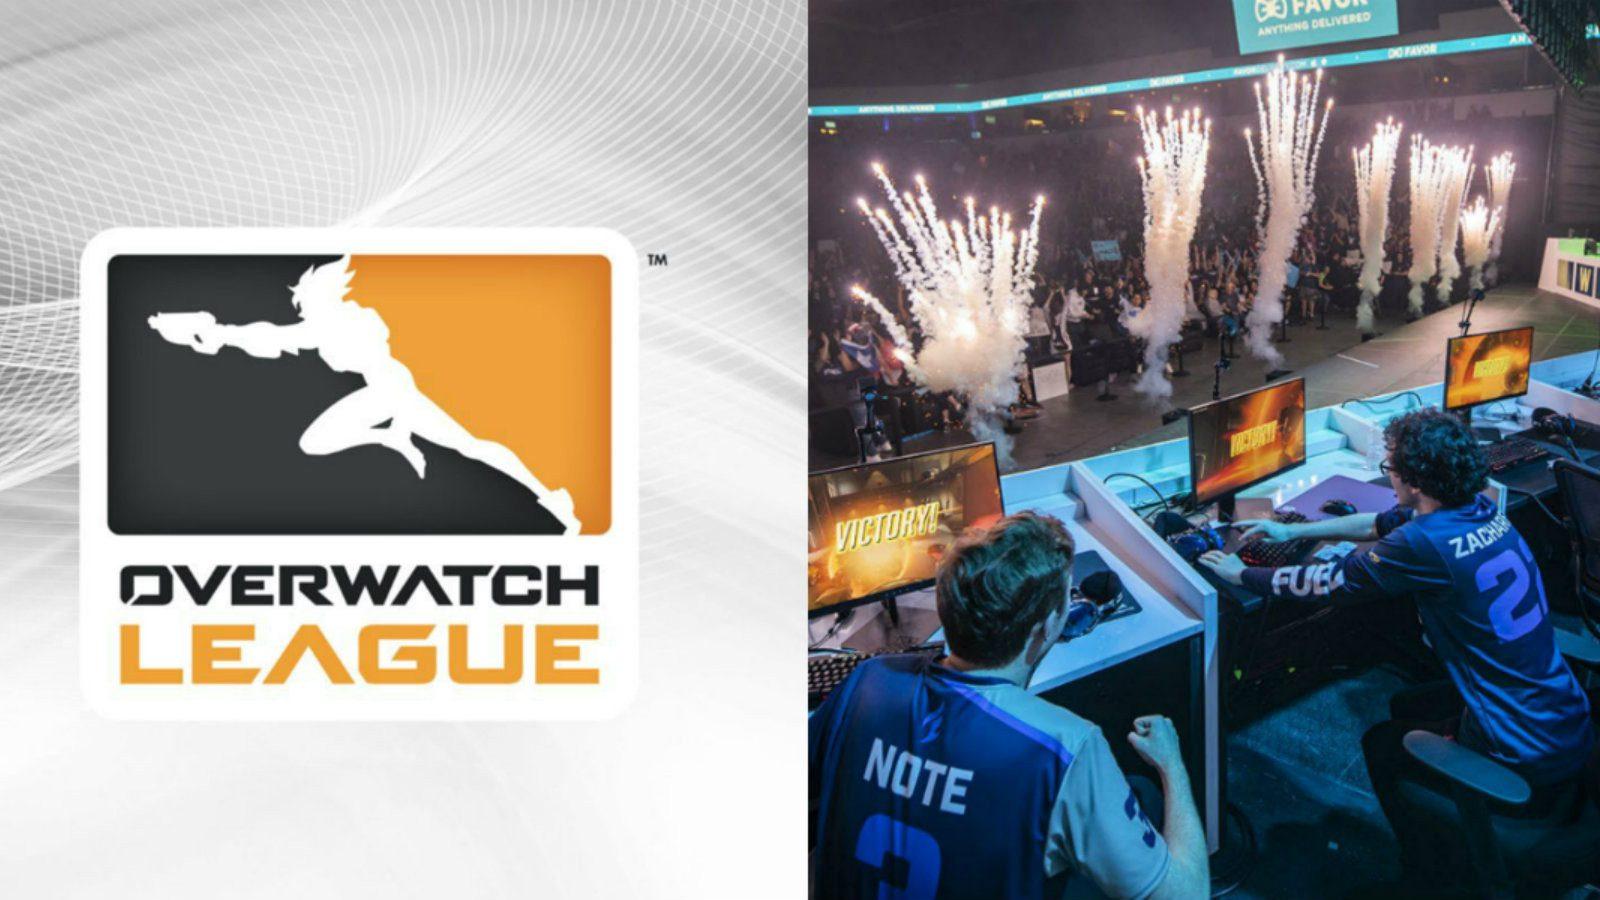 [Overwatch] Blizzard đang tìm cách nâng cao hơn nữa trải nghiệm xem OWL trong mùa giải thứ 3.